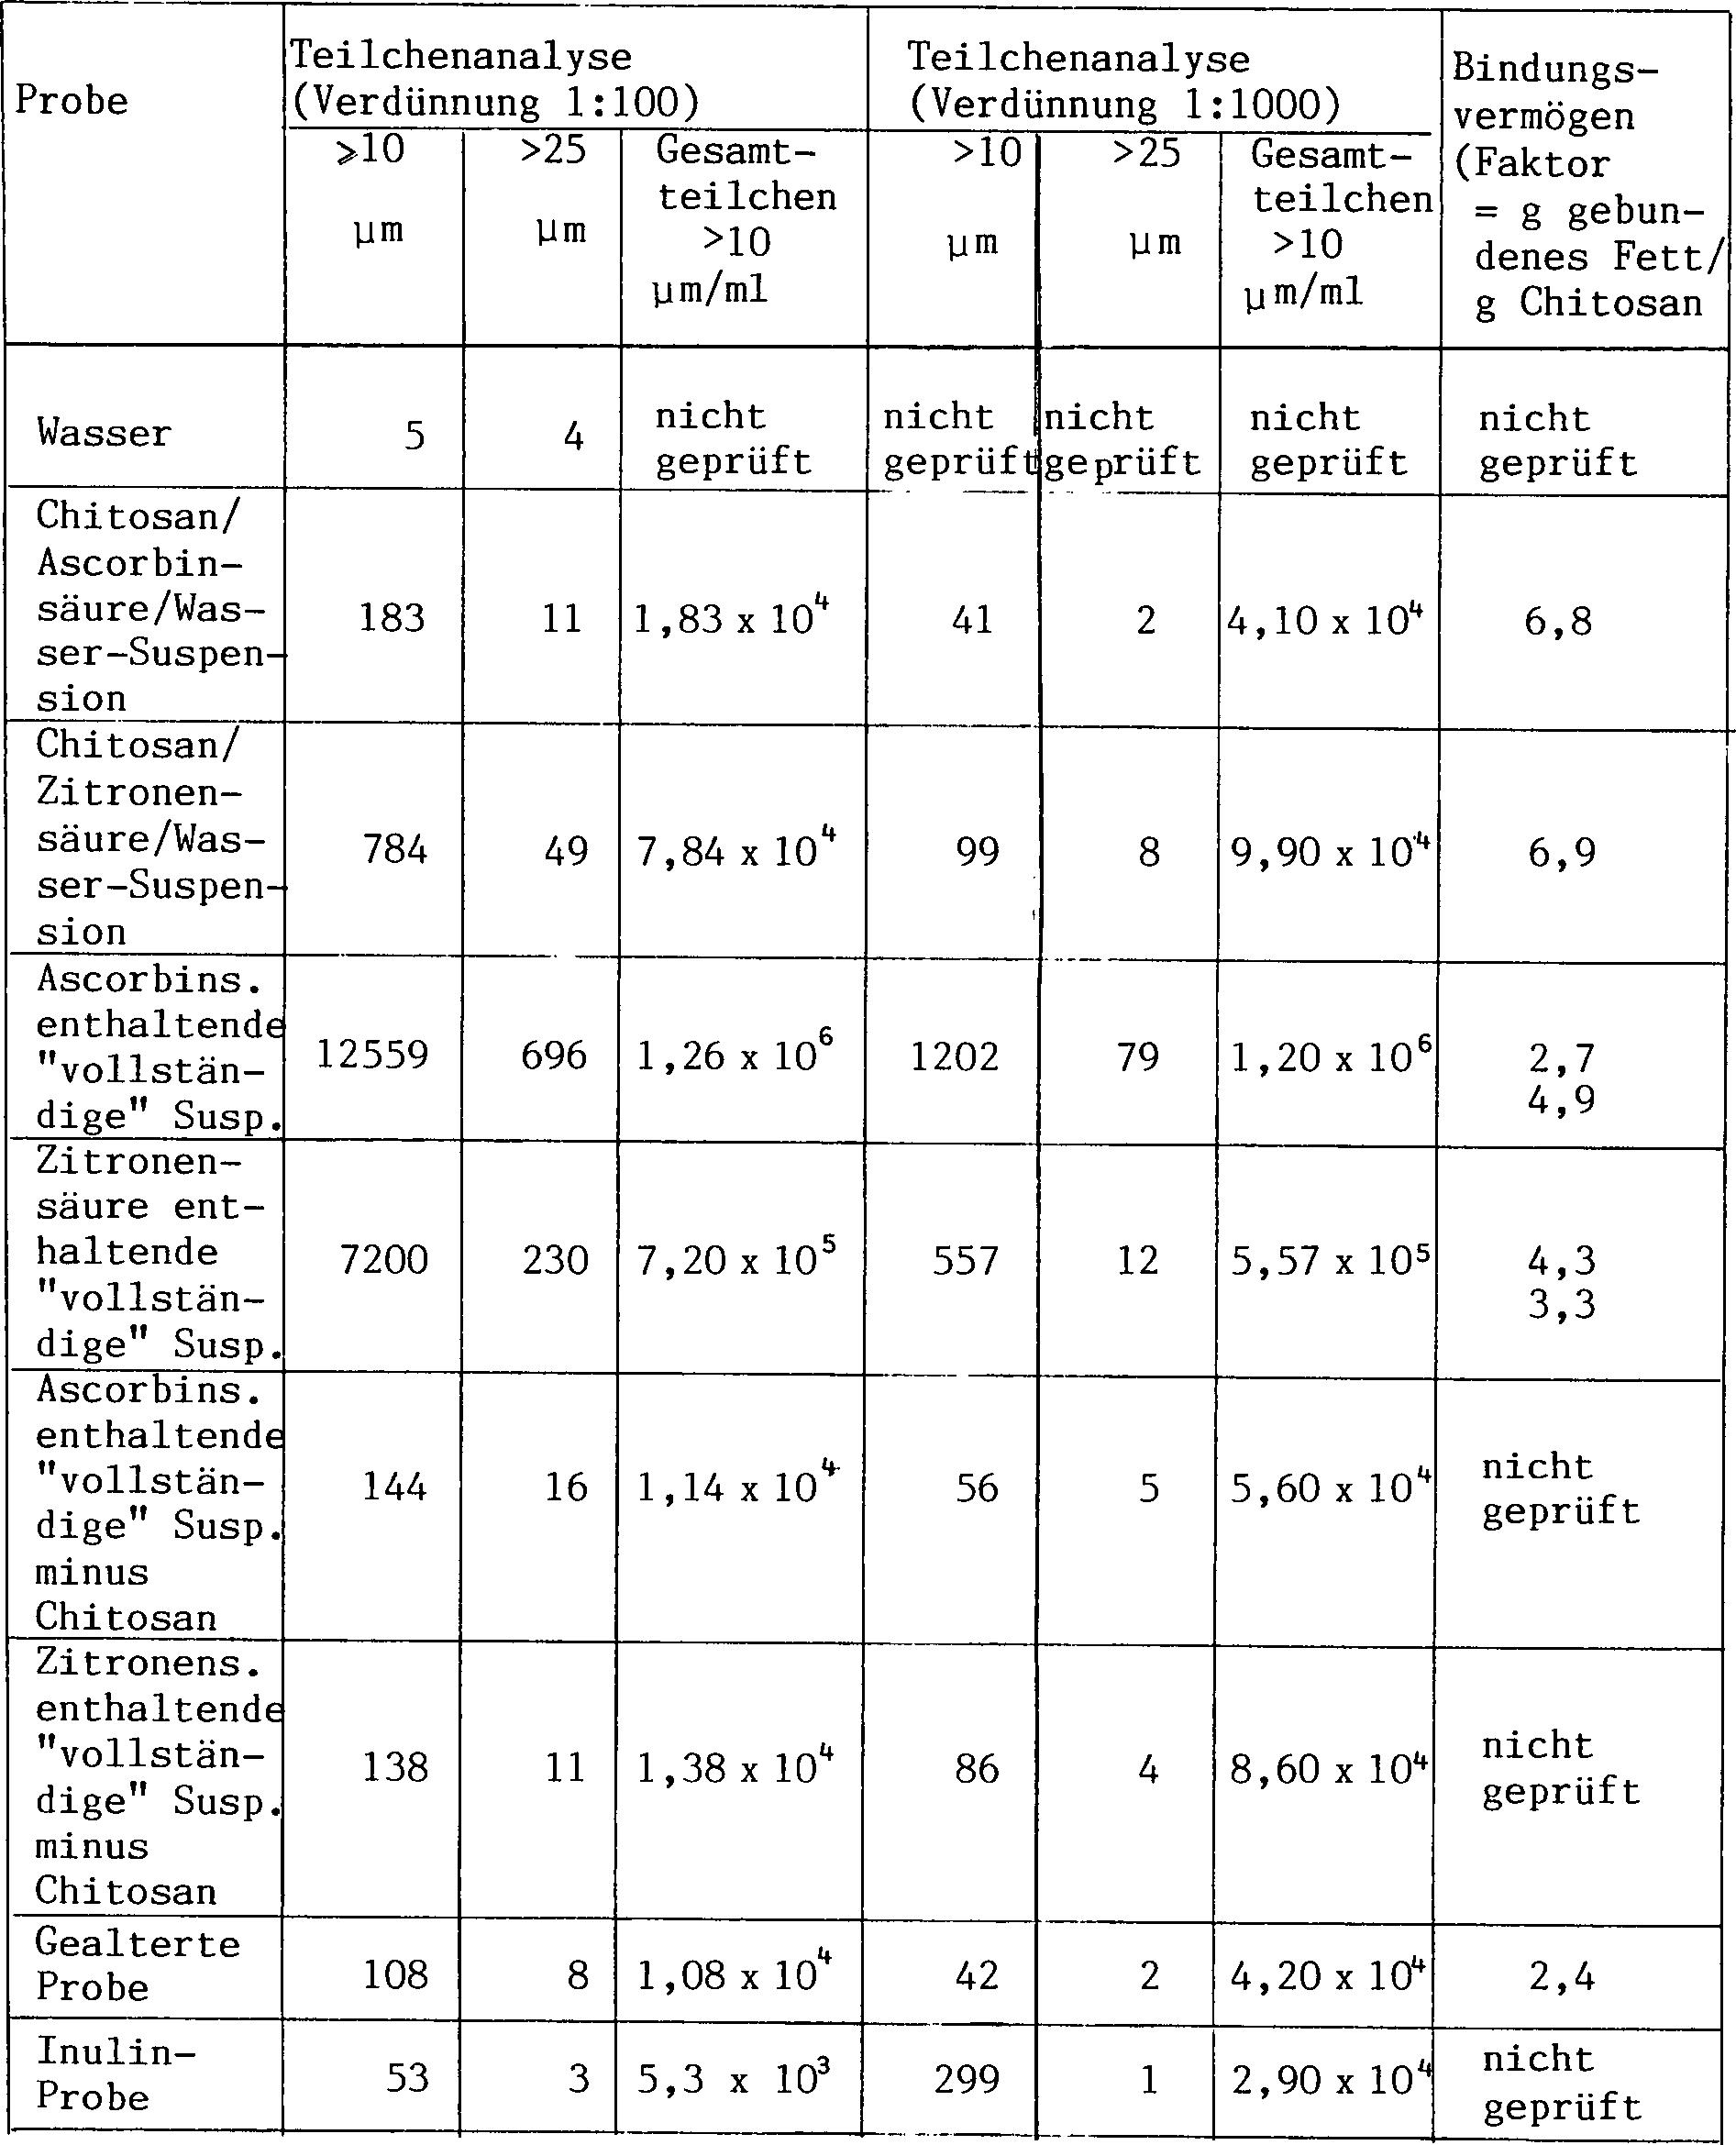 Kjeldahls Methode zur Bestimmung des Proteins zur Gewichtsreduktion